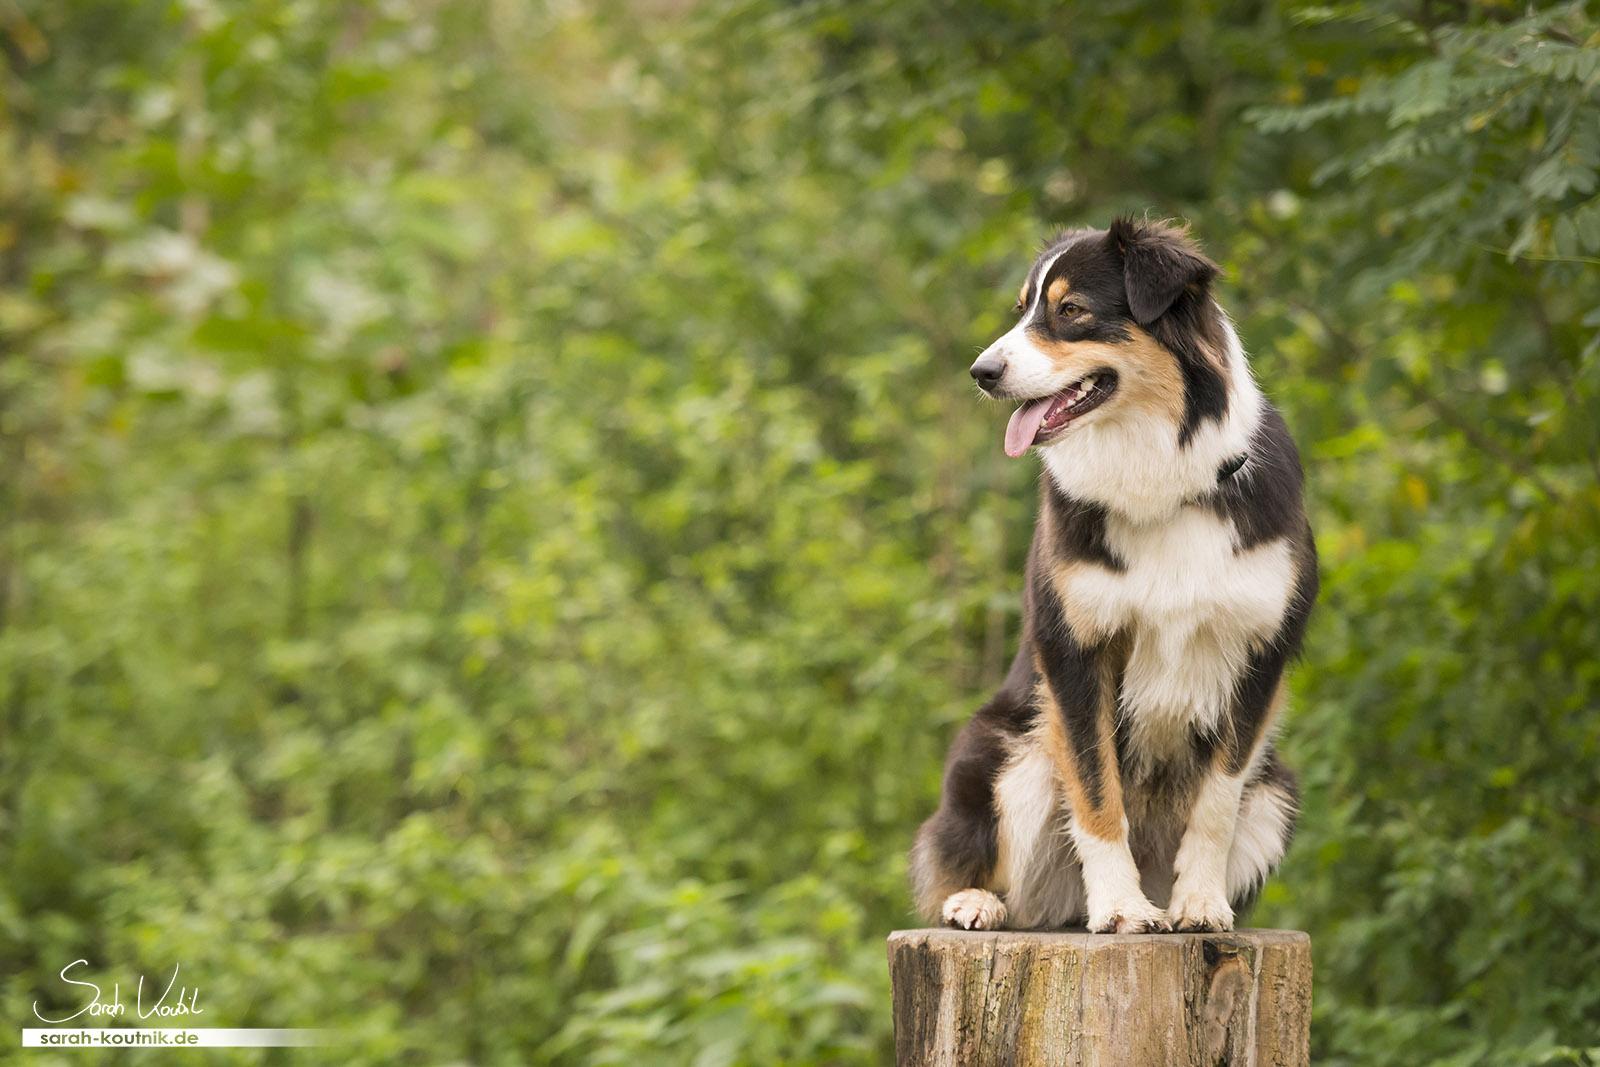 Australian Shepherd Hündin Yoki auf Baumstamm   Sarah Koutnik Fotografie   Hundefotografie München